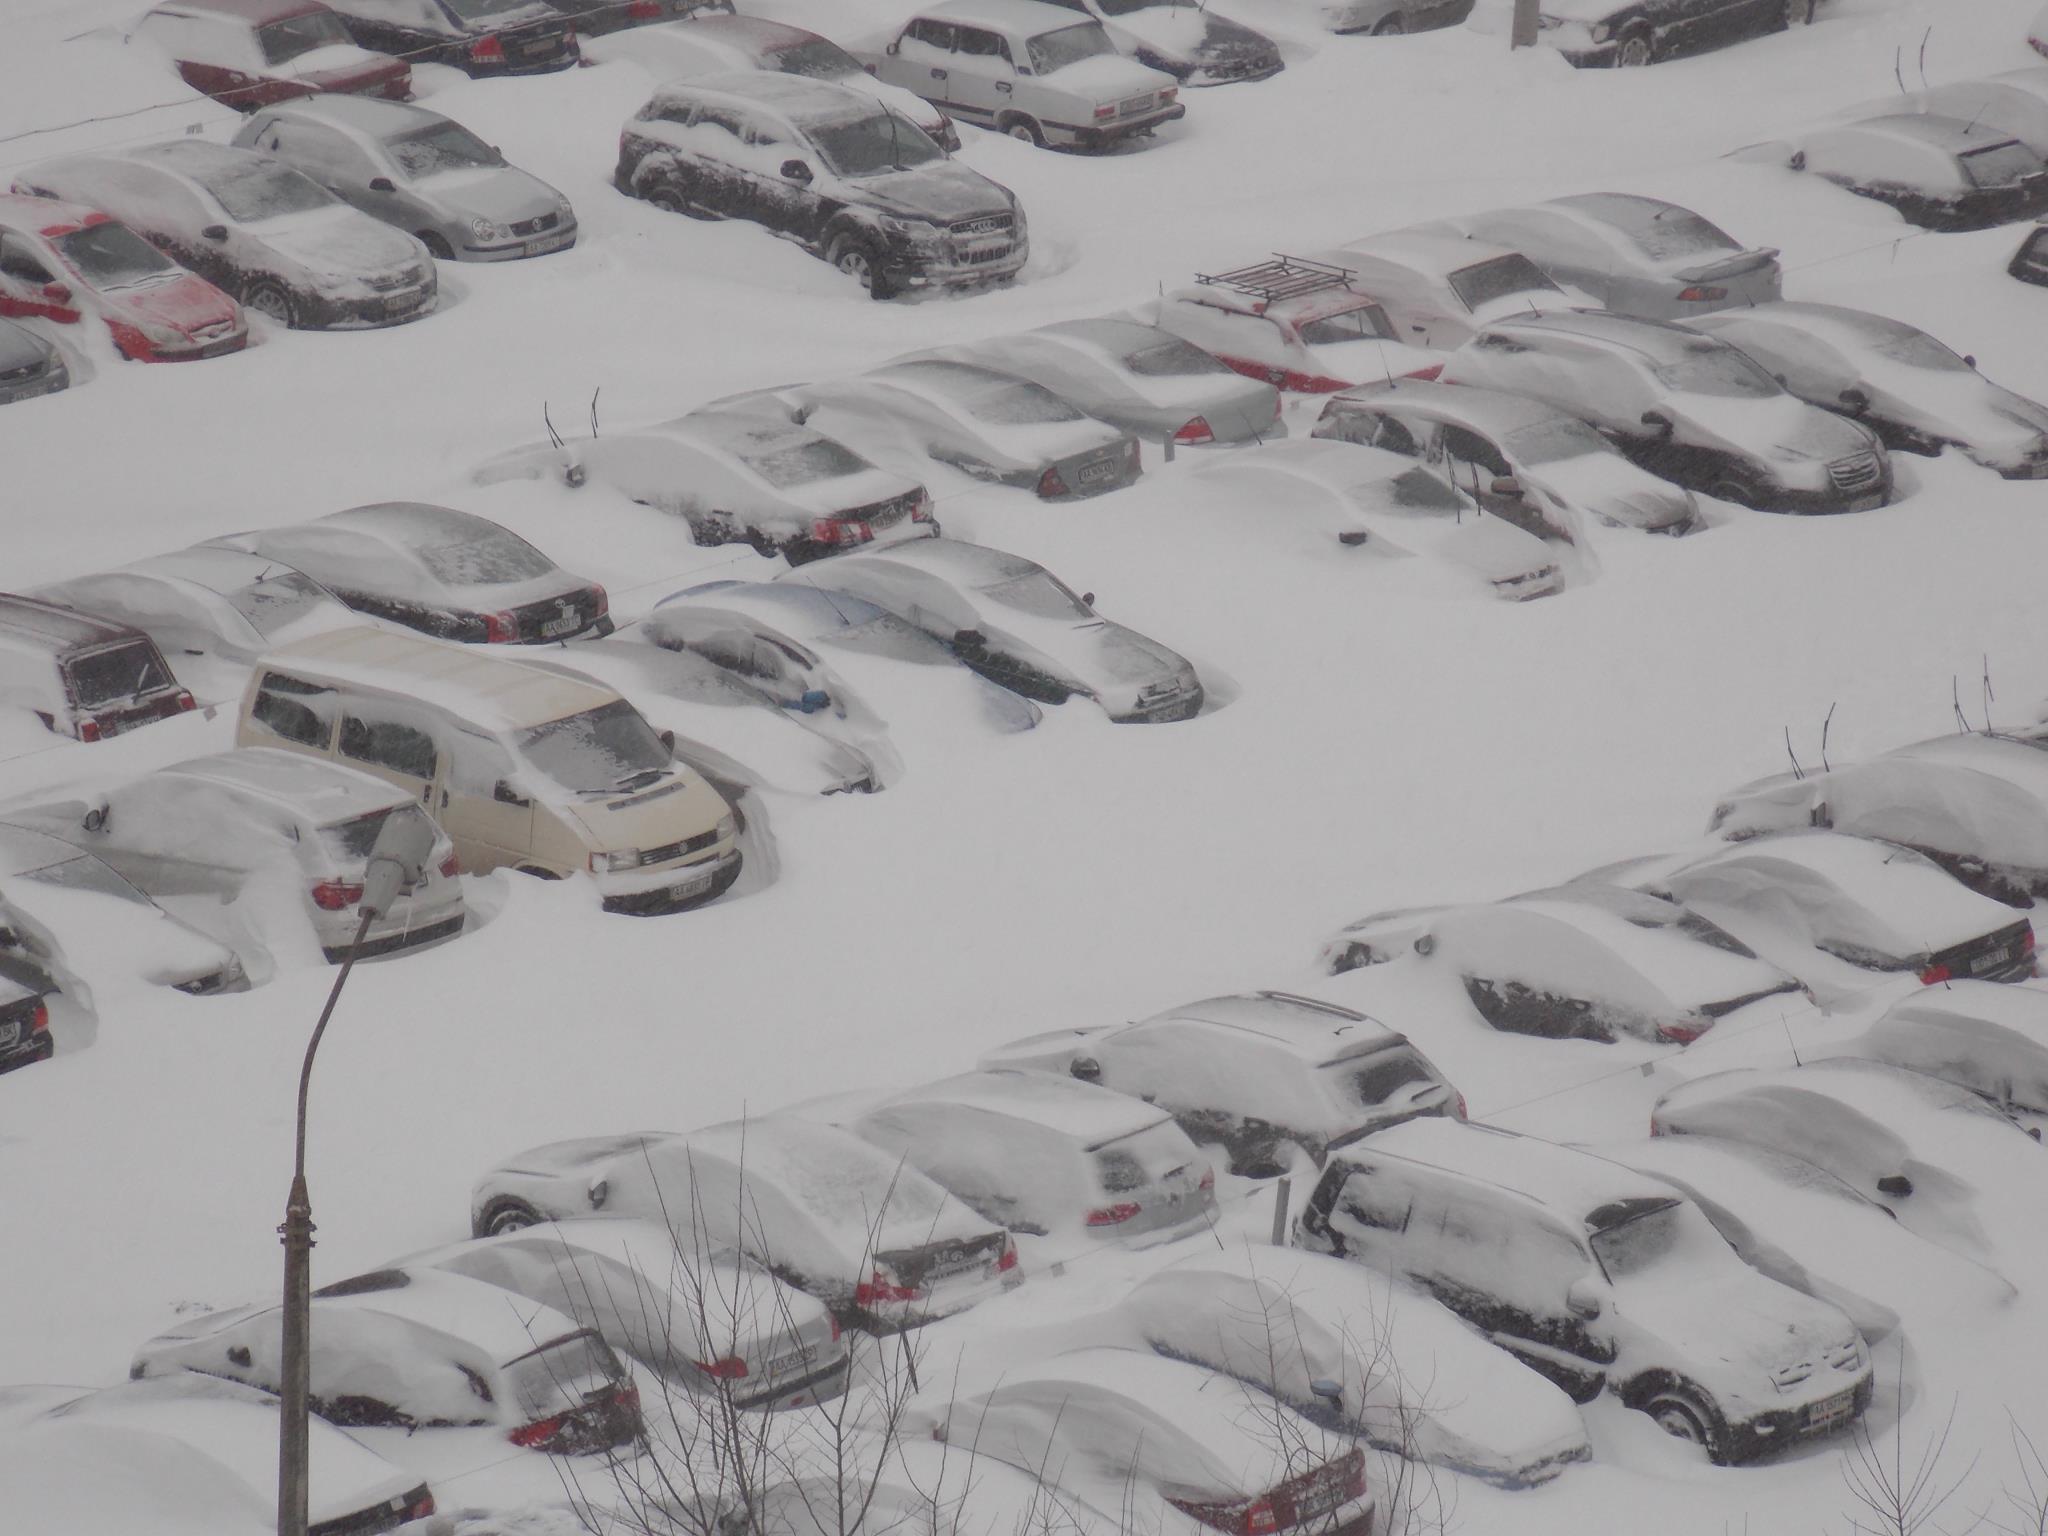 КлінінгСервісез - Прибирання снігу Київ ціна